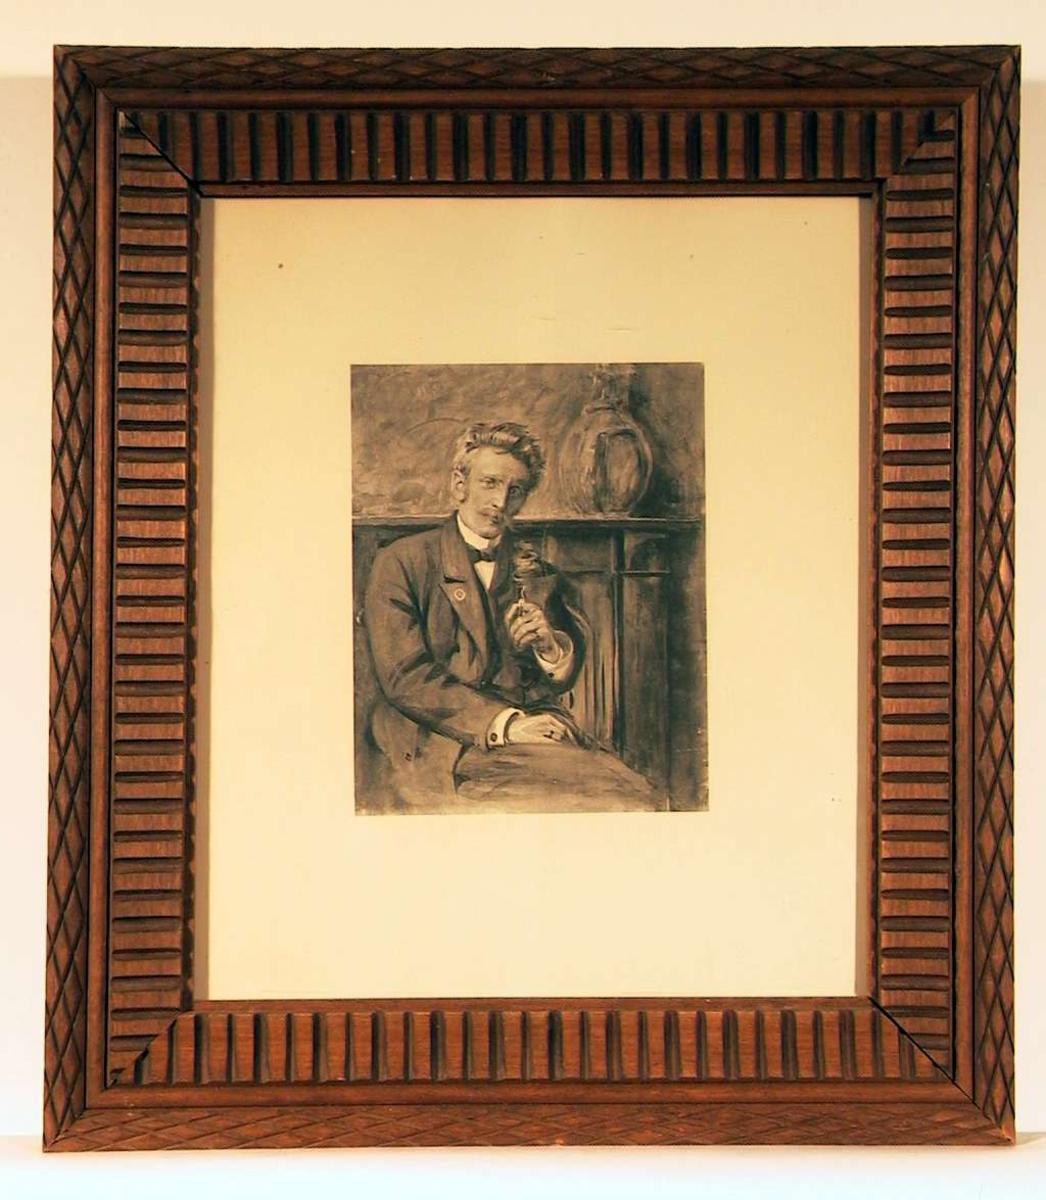 Portrett av mann sittende med røykende sigar/sigarett i venstrehånden og høyrehånden hvilende i fanget. Han ser direkte på betrakteren.